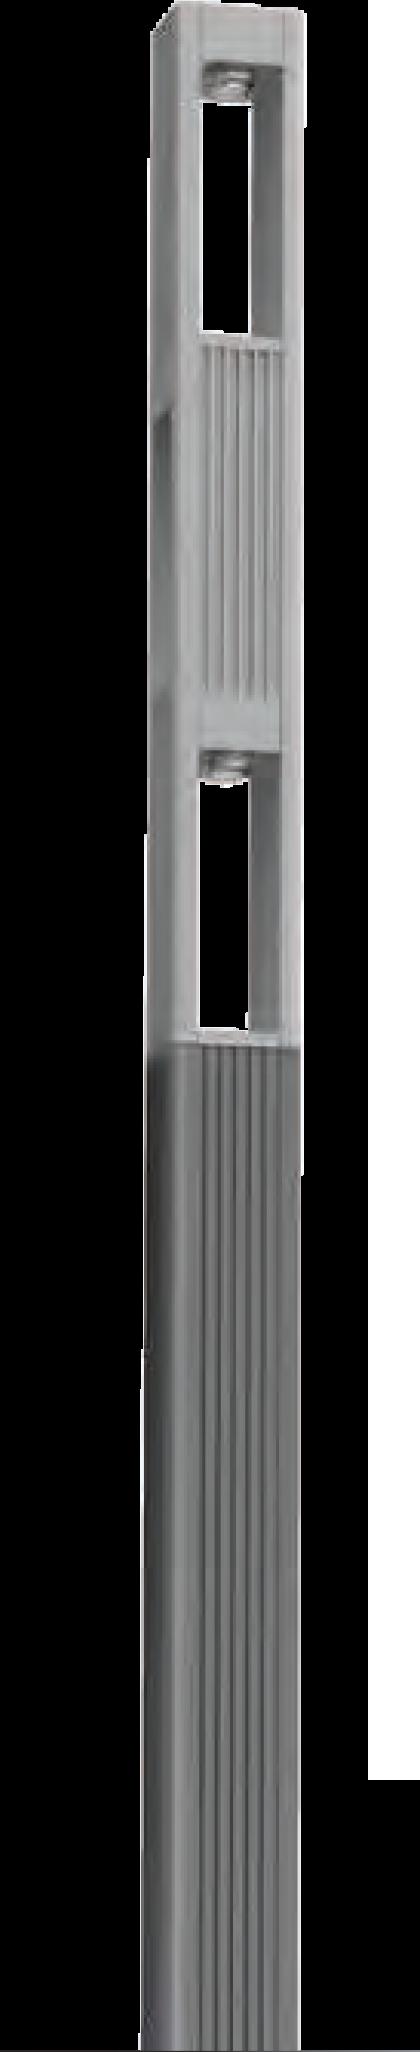 MXGLD-J122-3 Image